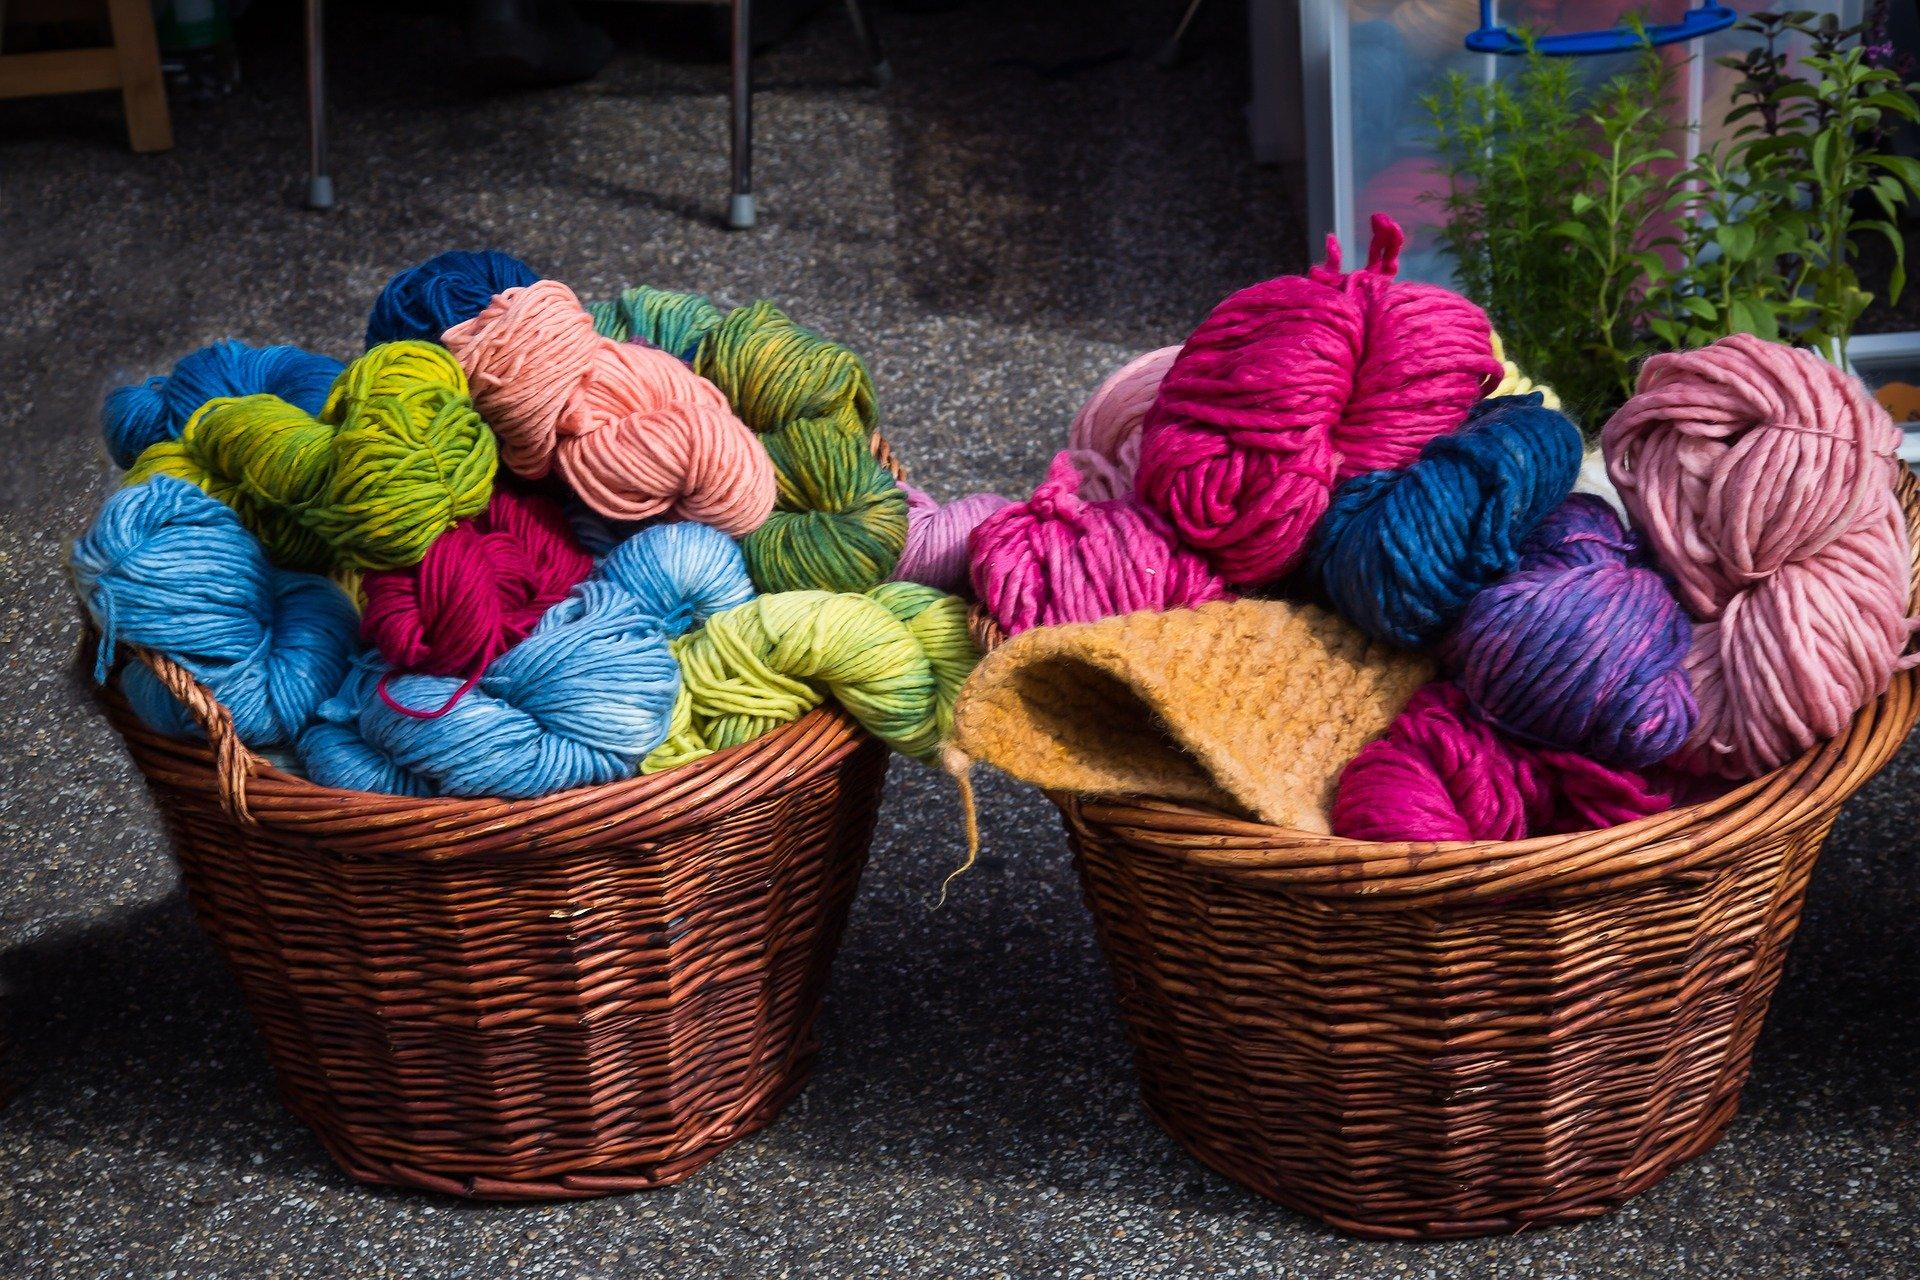 wool-2736306_1920